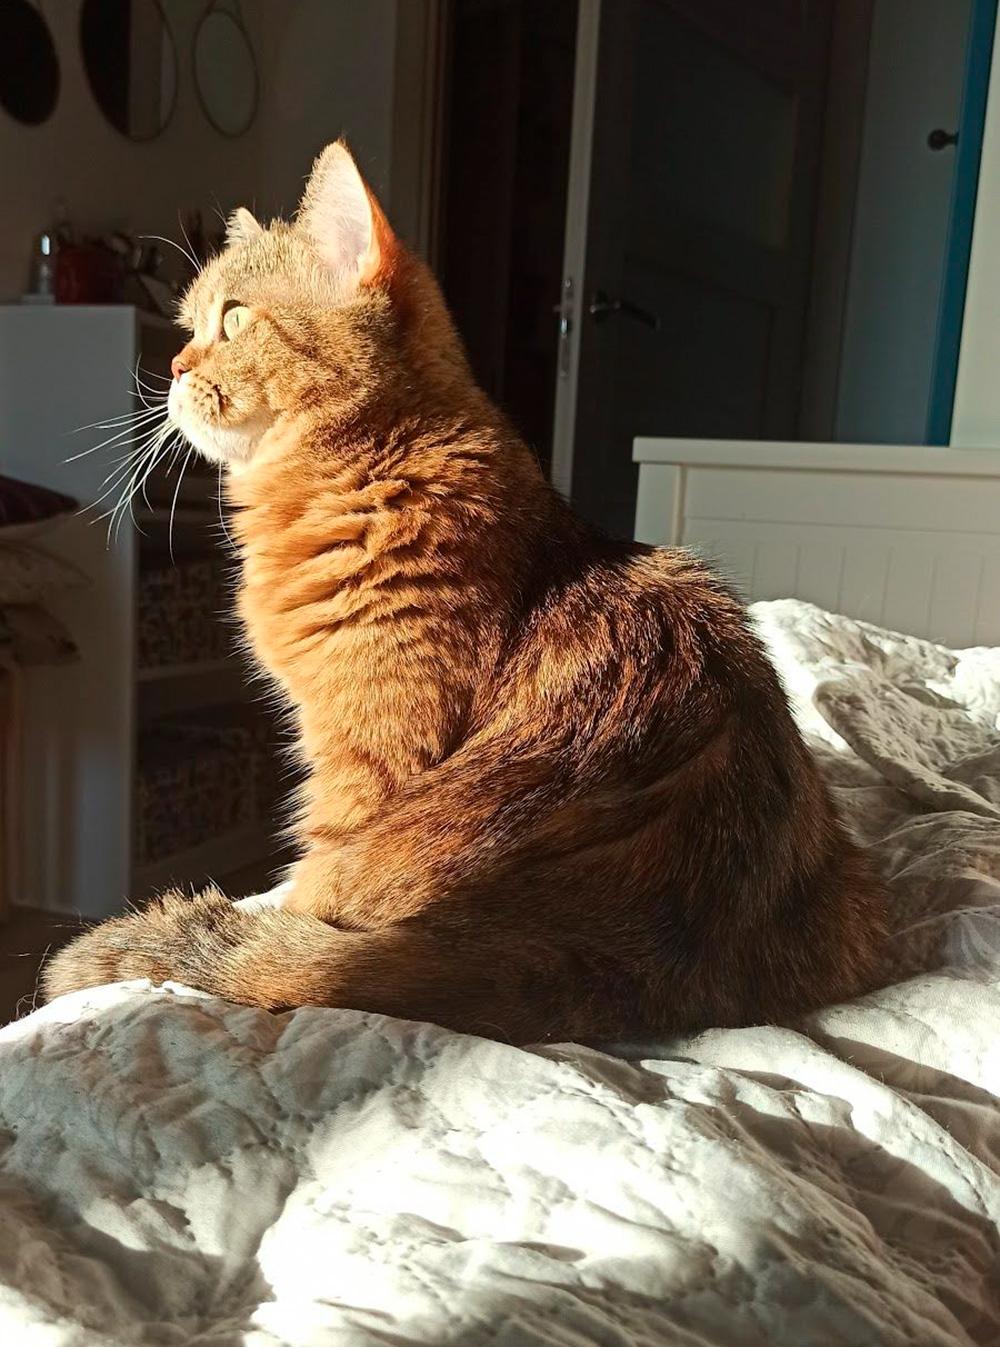 Моя очень серьезная кошка. Я рада, что она сегодня съела утреннюю порцию нового лечебного корма. Поначалу она ела его безособого аппетита